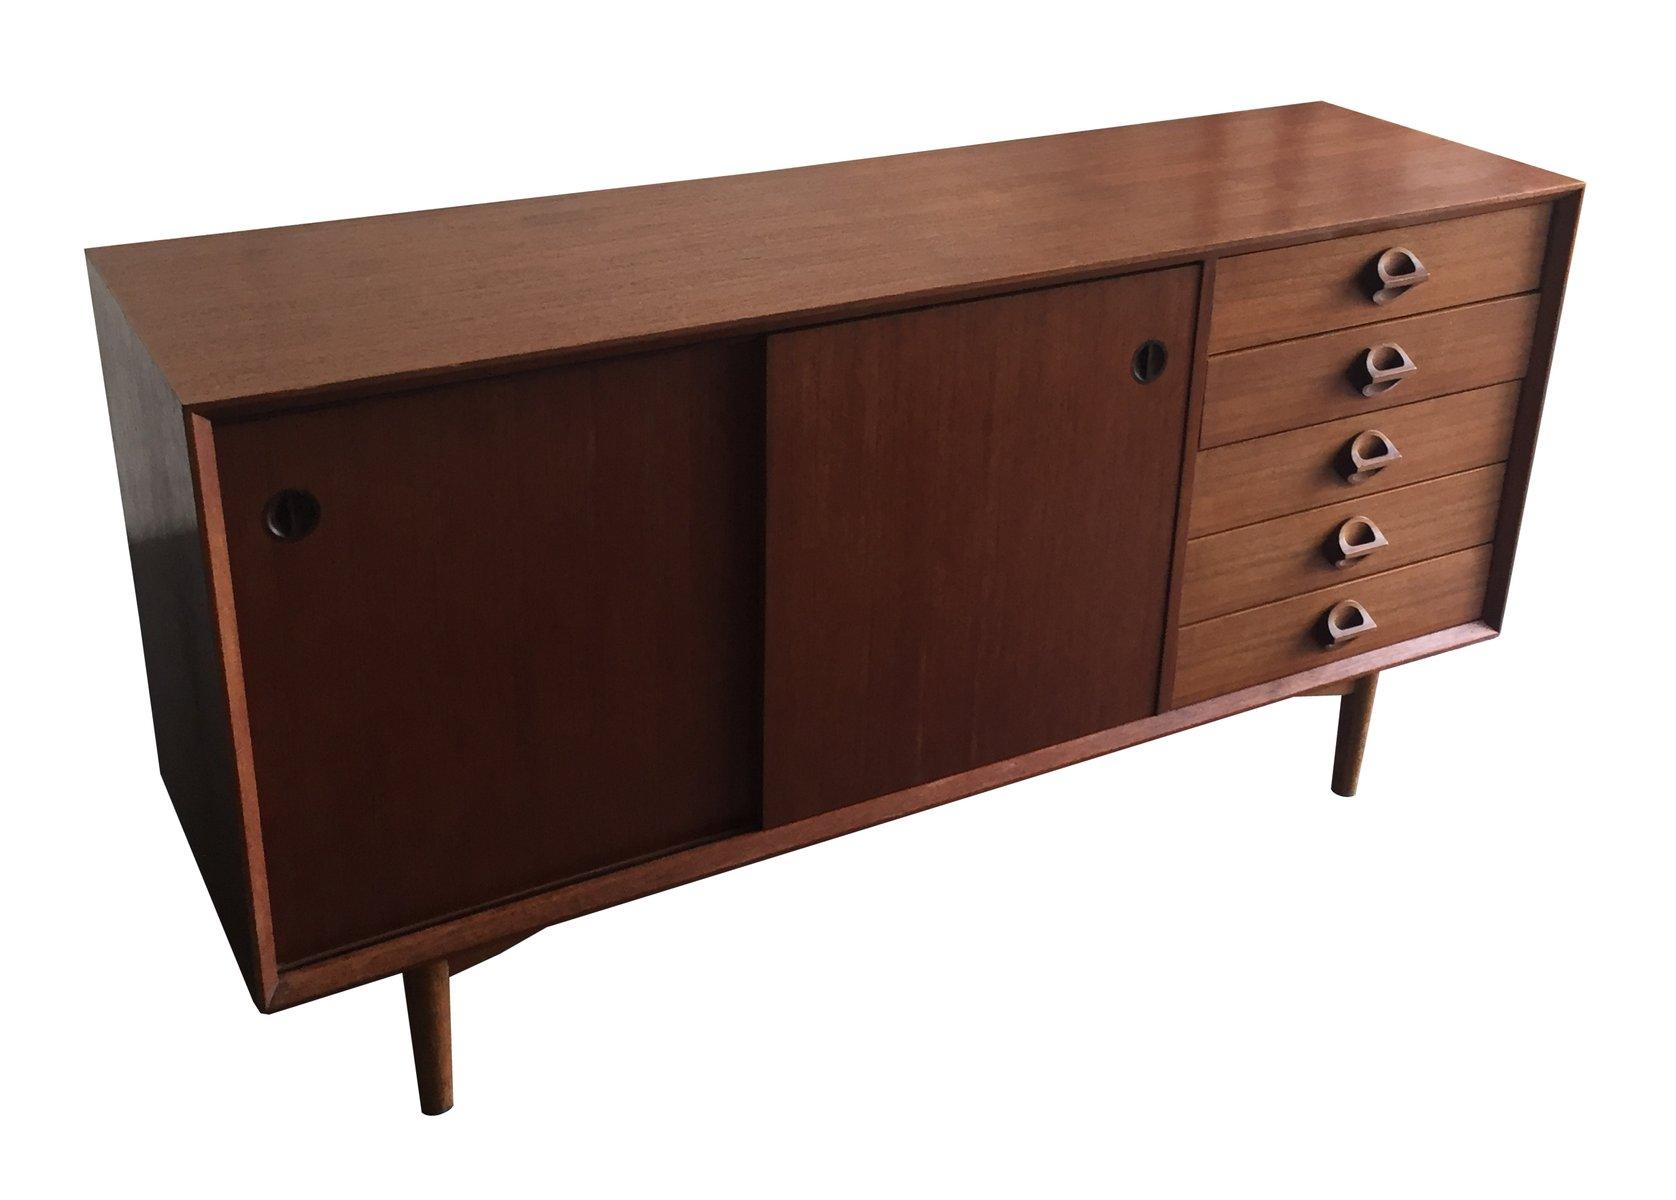 vintage sideboard with sliding doors 1960s for sale at pamono. Black Bedroom Furniture Sets. Home Design Ideas